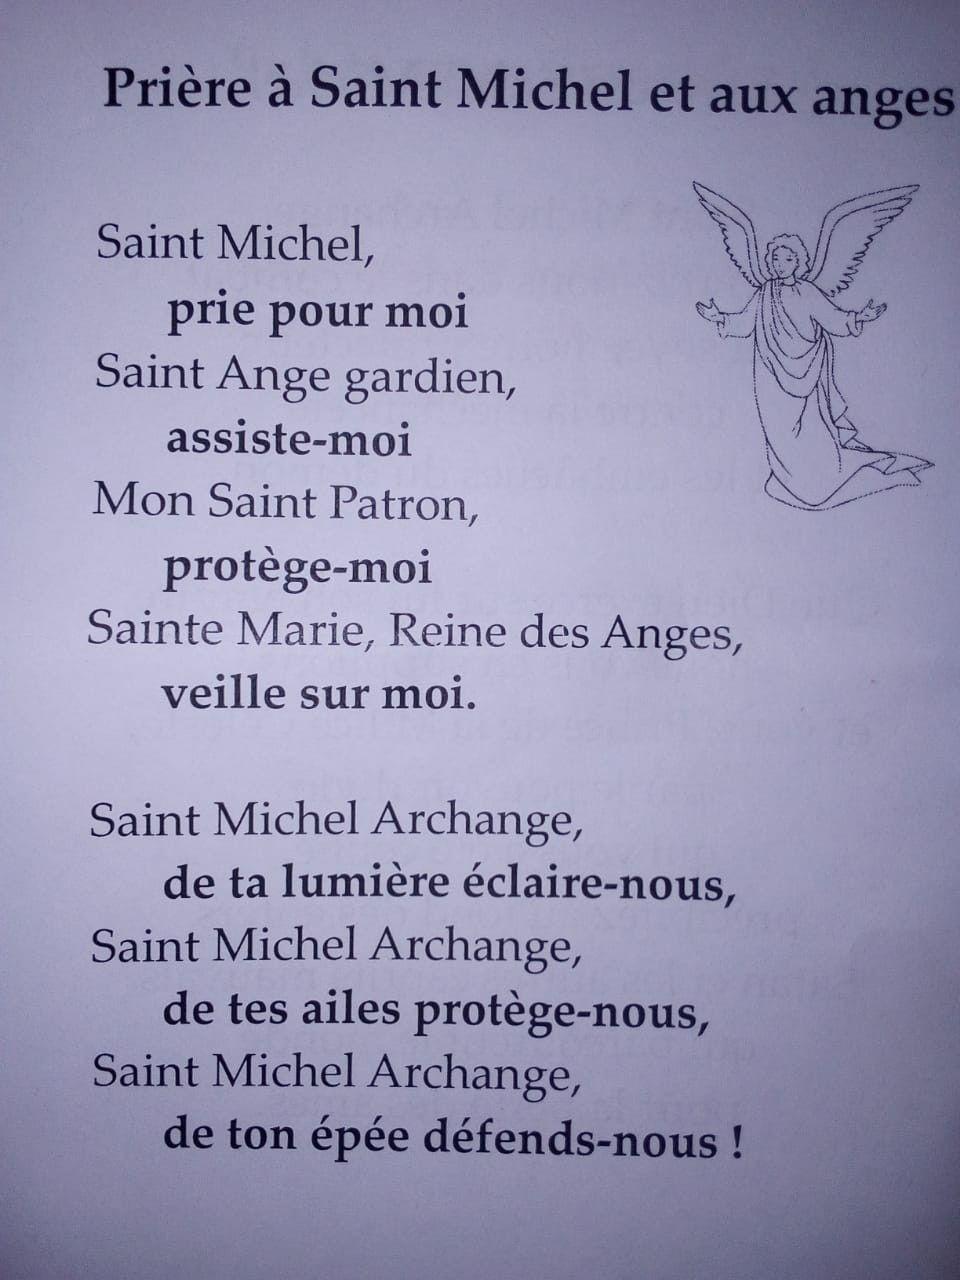 Priere Des Anges De Lumiere : priere, anges, lumiere, Prière, Saint, Michel,, Priere,, Prières, Chrétiennes